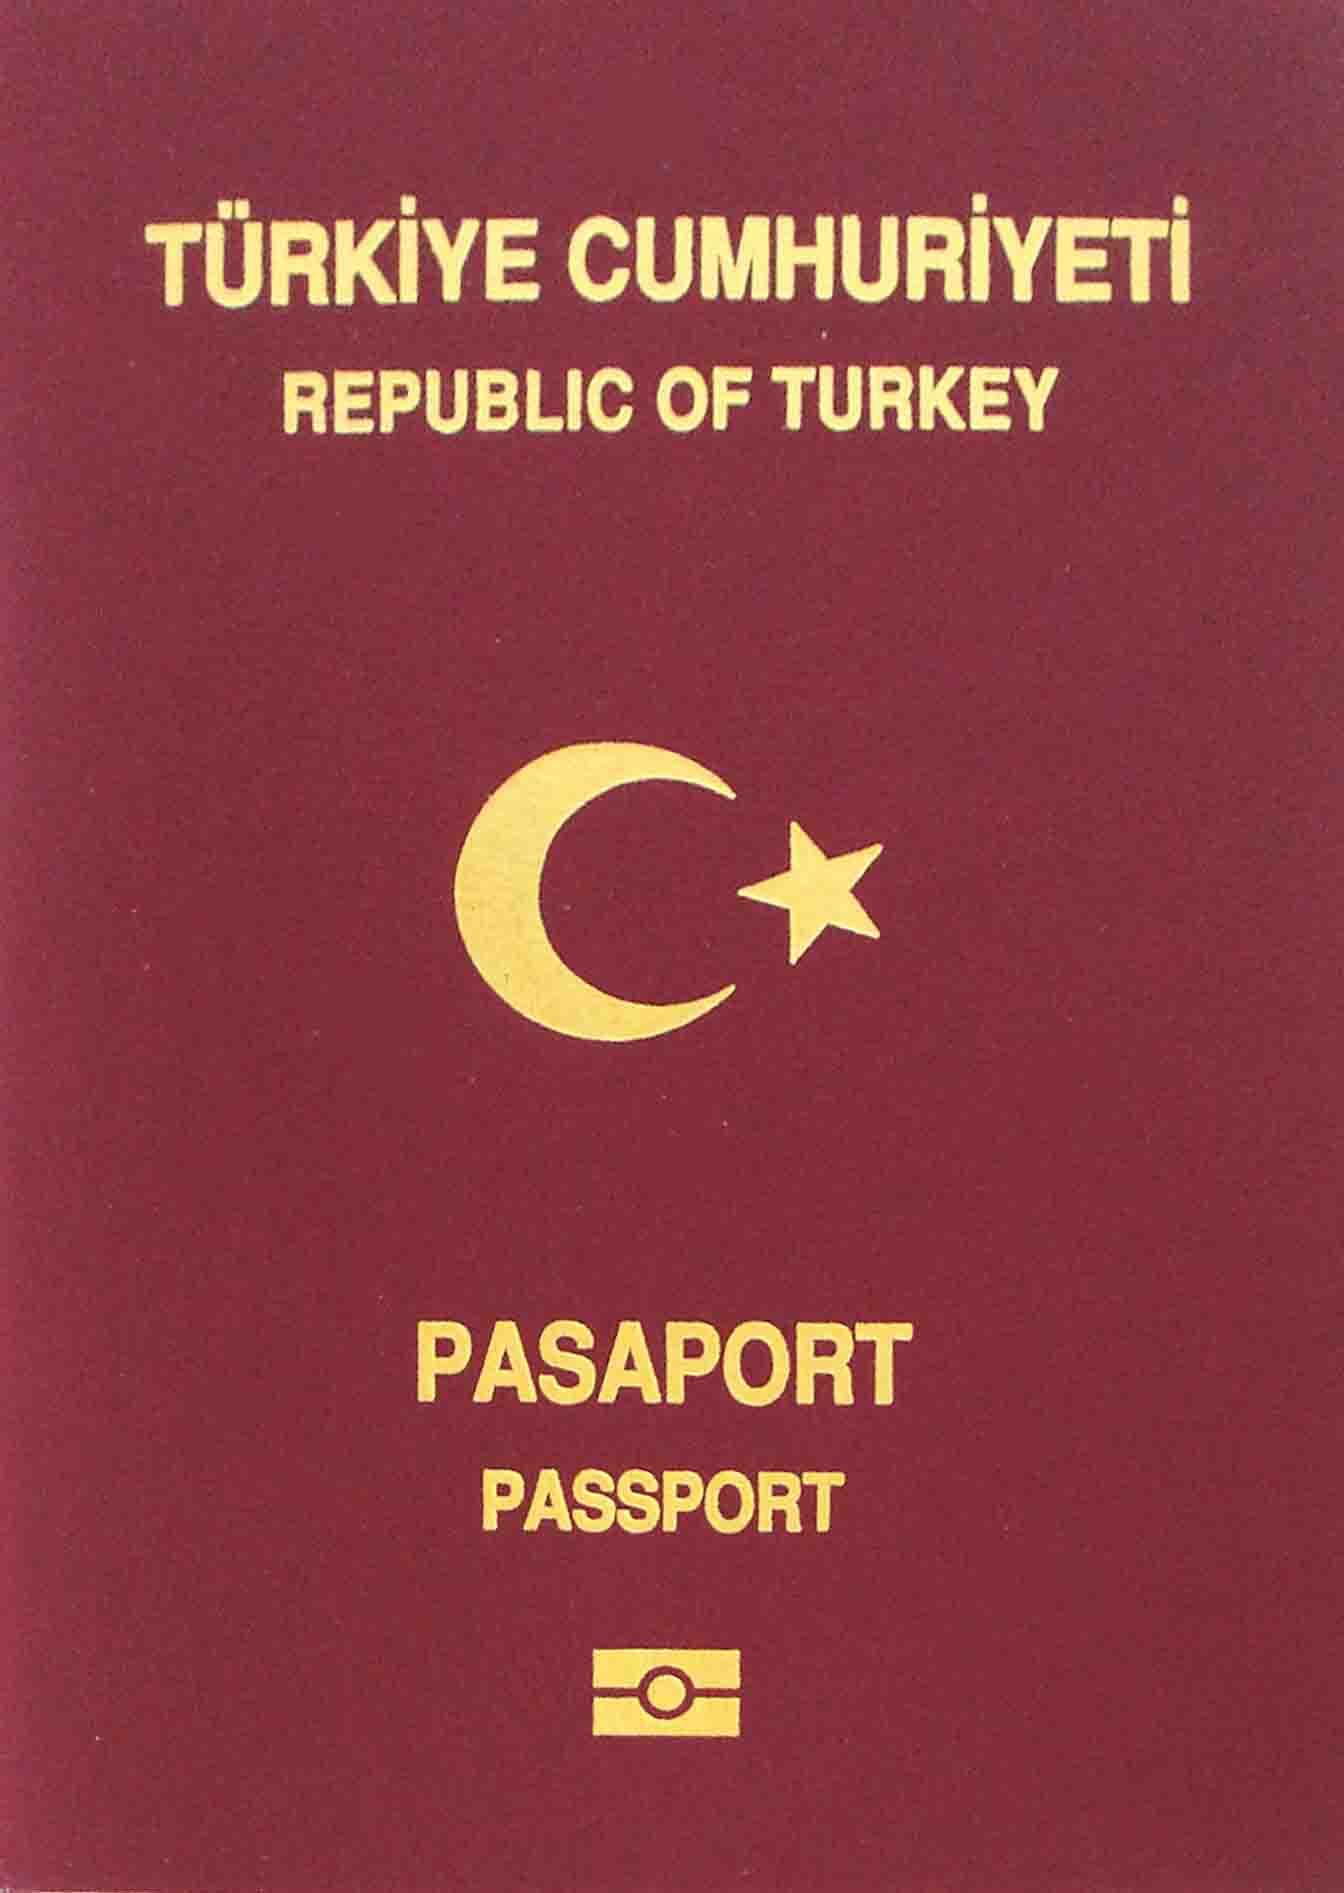 Turkish passport - Wikipedia